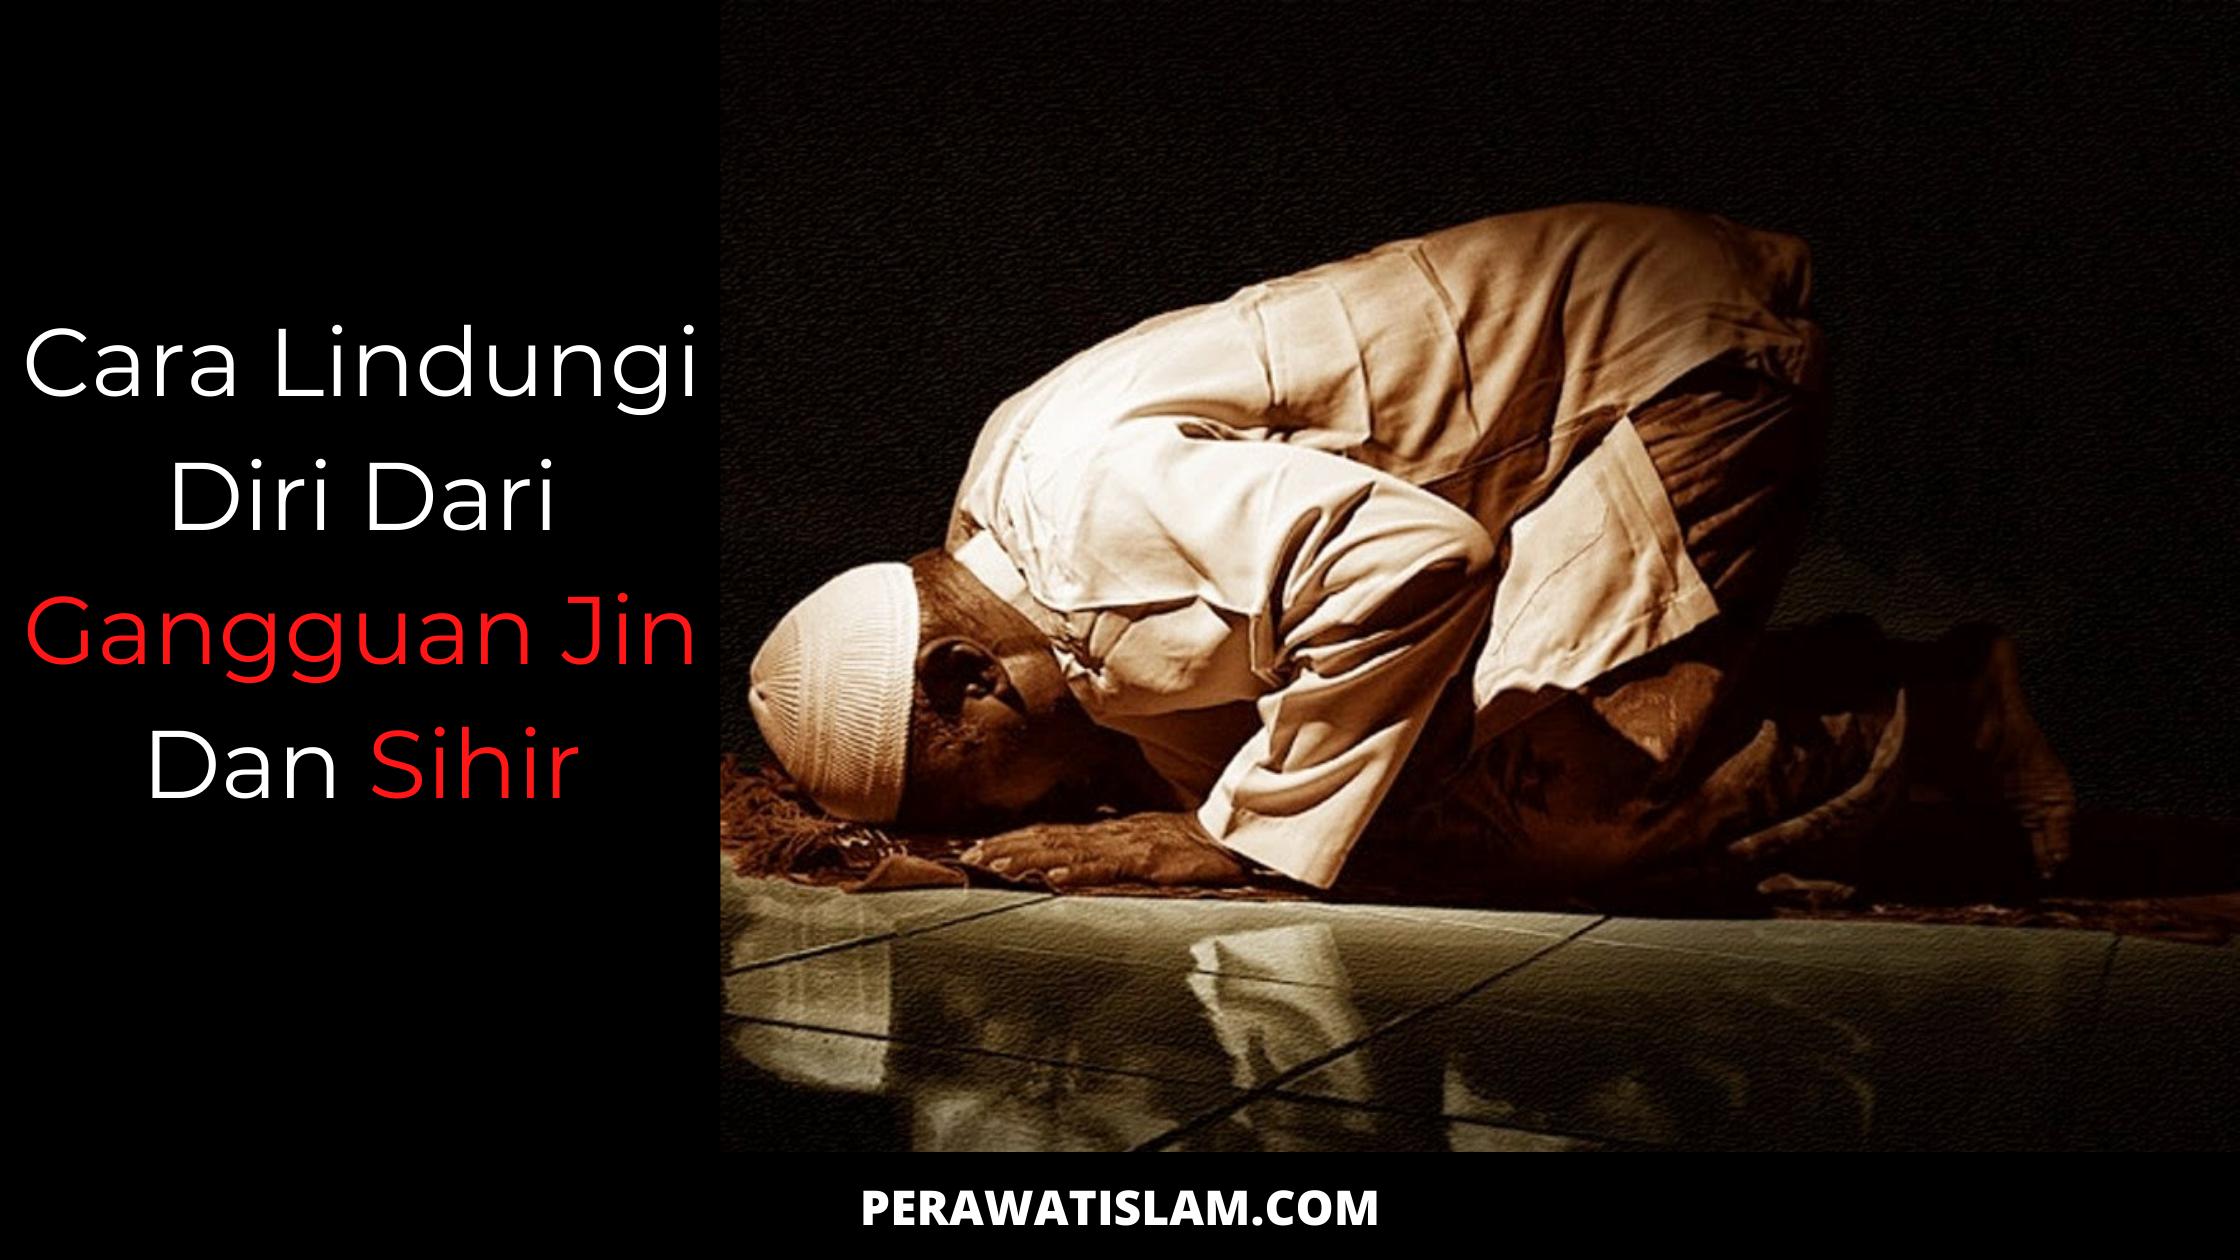 Bagaimana Cara Melindungi Diri Dari Gangguan Jin & Sihir?